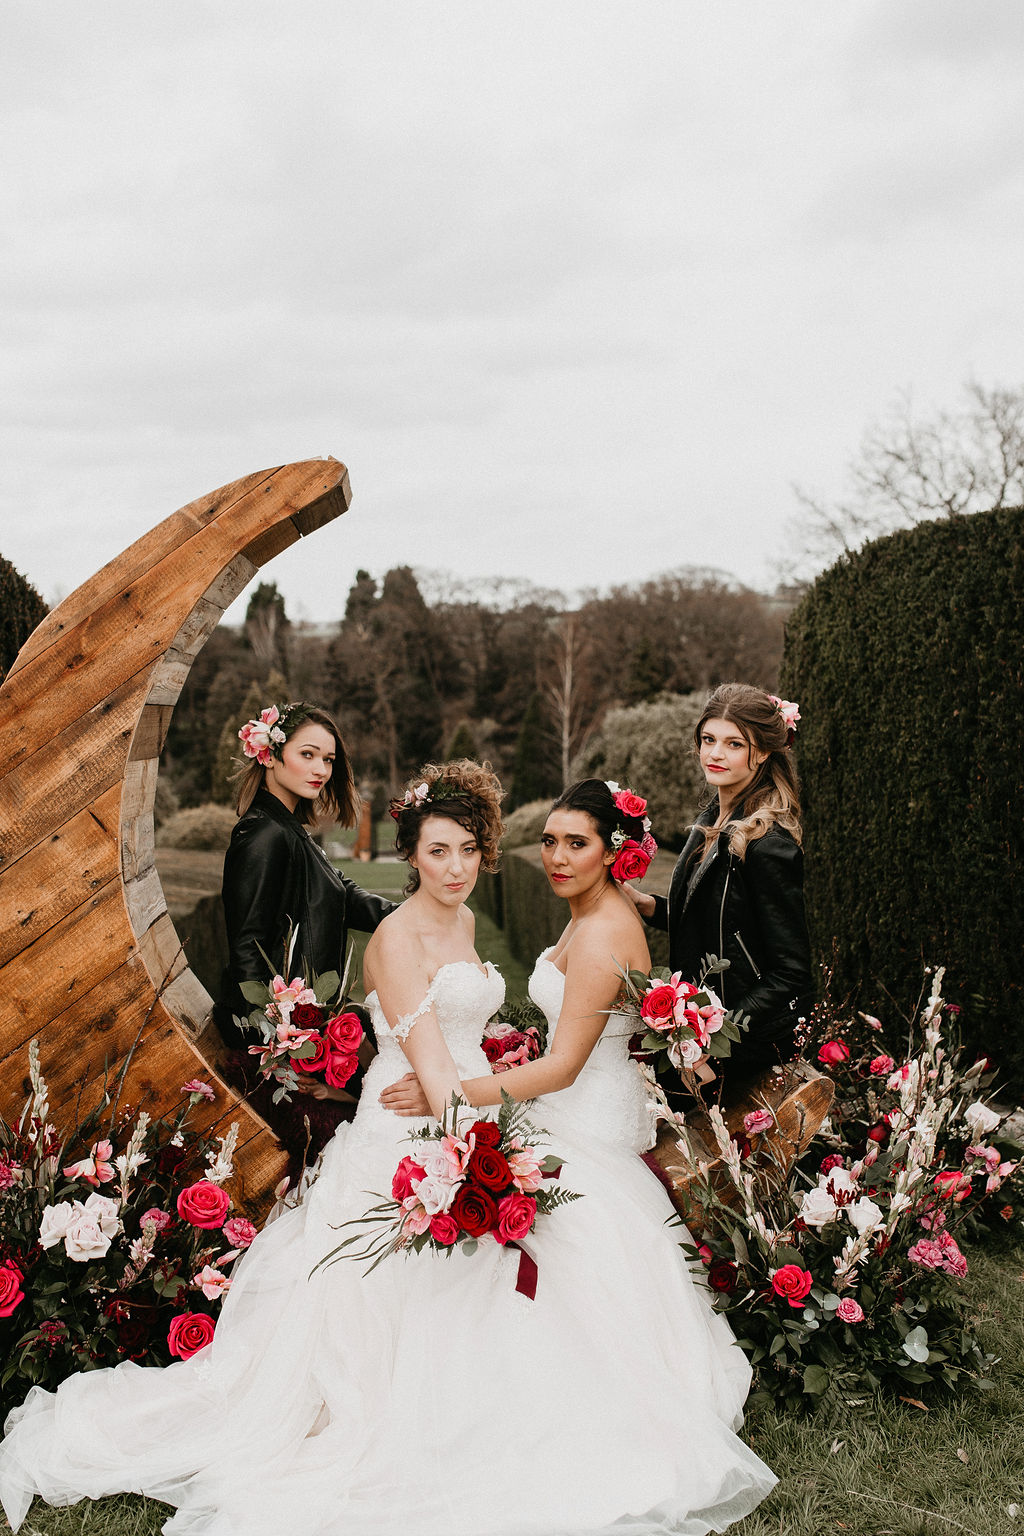 romantic woodland wedding - whimsical wedding- shakespeare wedding- unconventional wedding- wooden moon prop